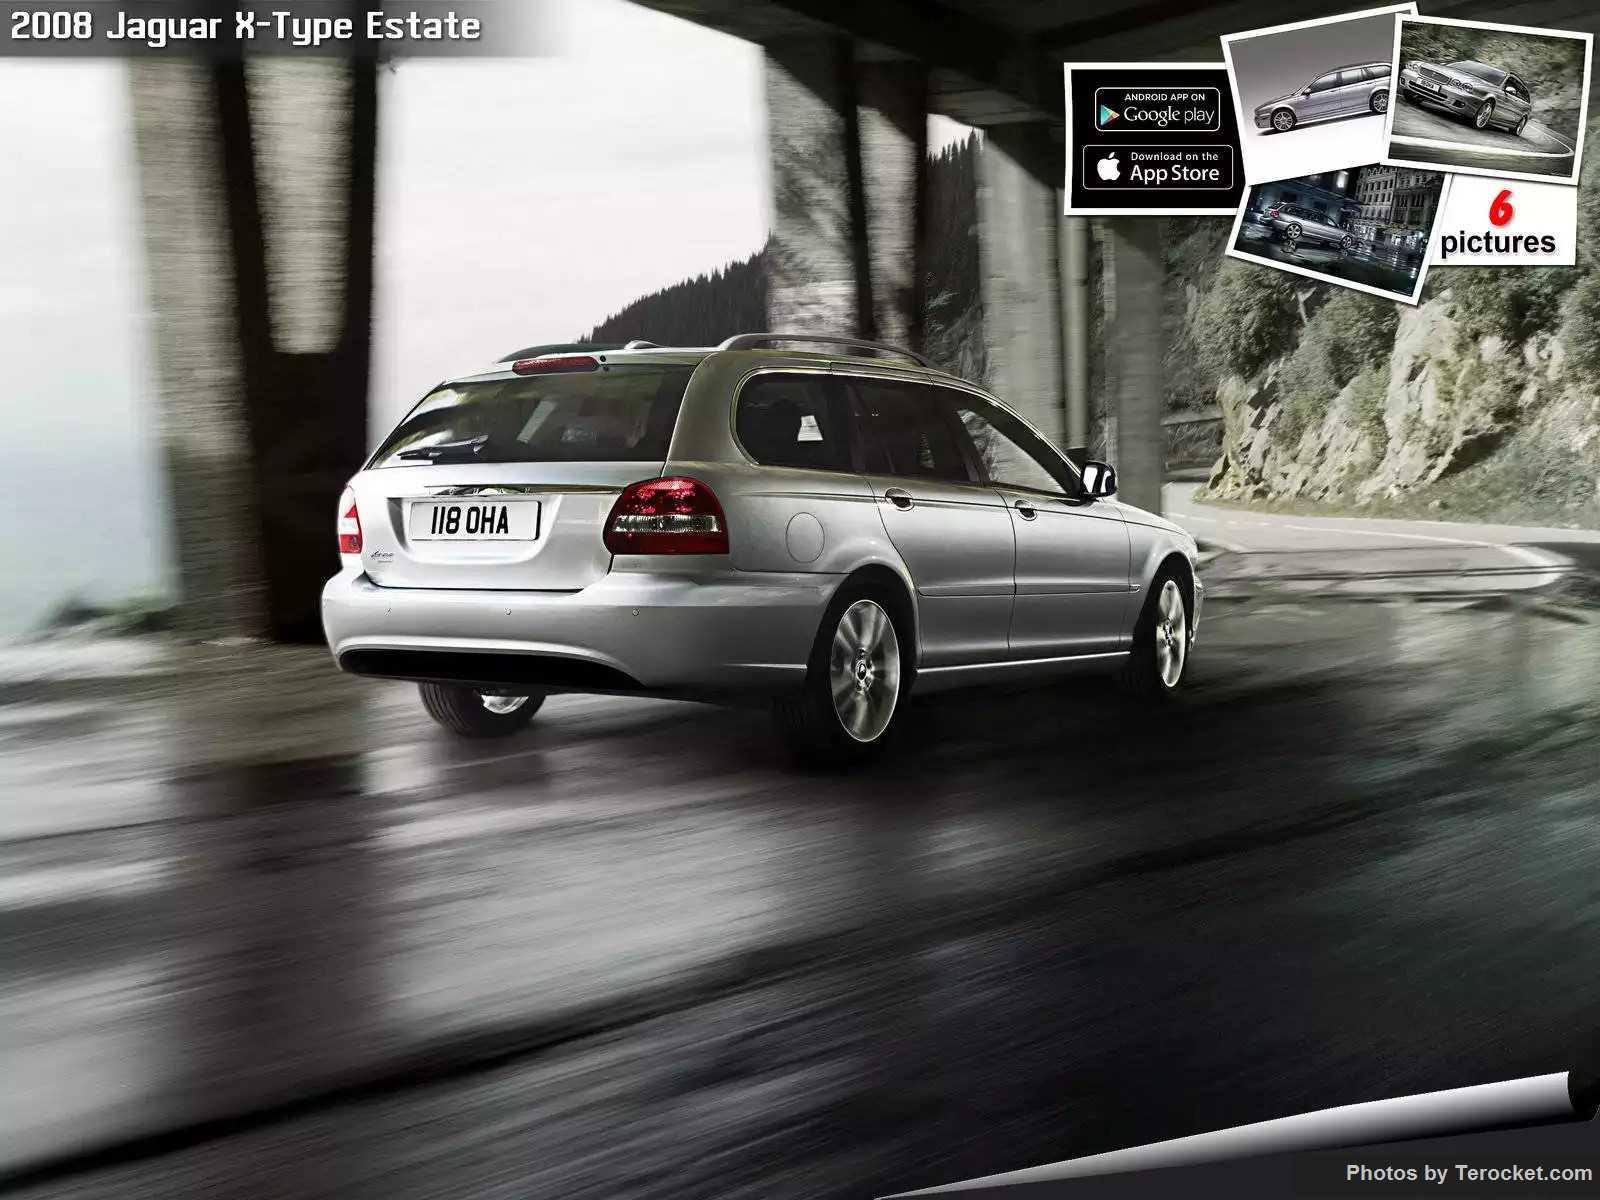 Hình ảnh xe ô tô Jaguar X-Type Estate 2008 & nội ngoại thất